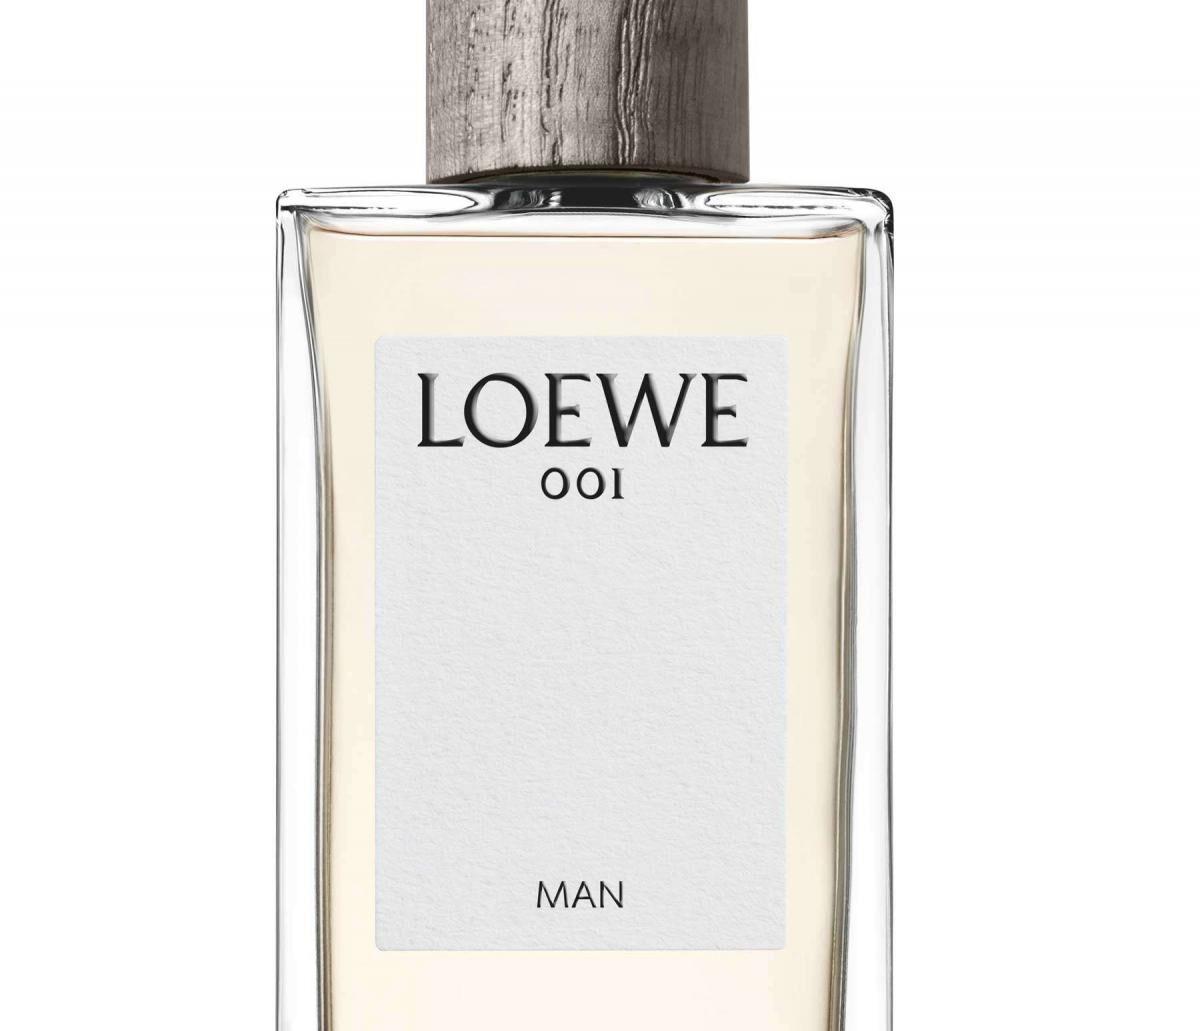 ultimo perfume de loewe hombre